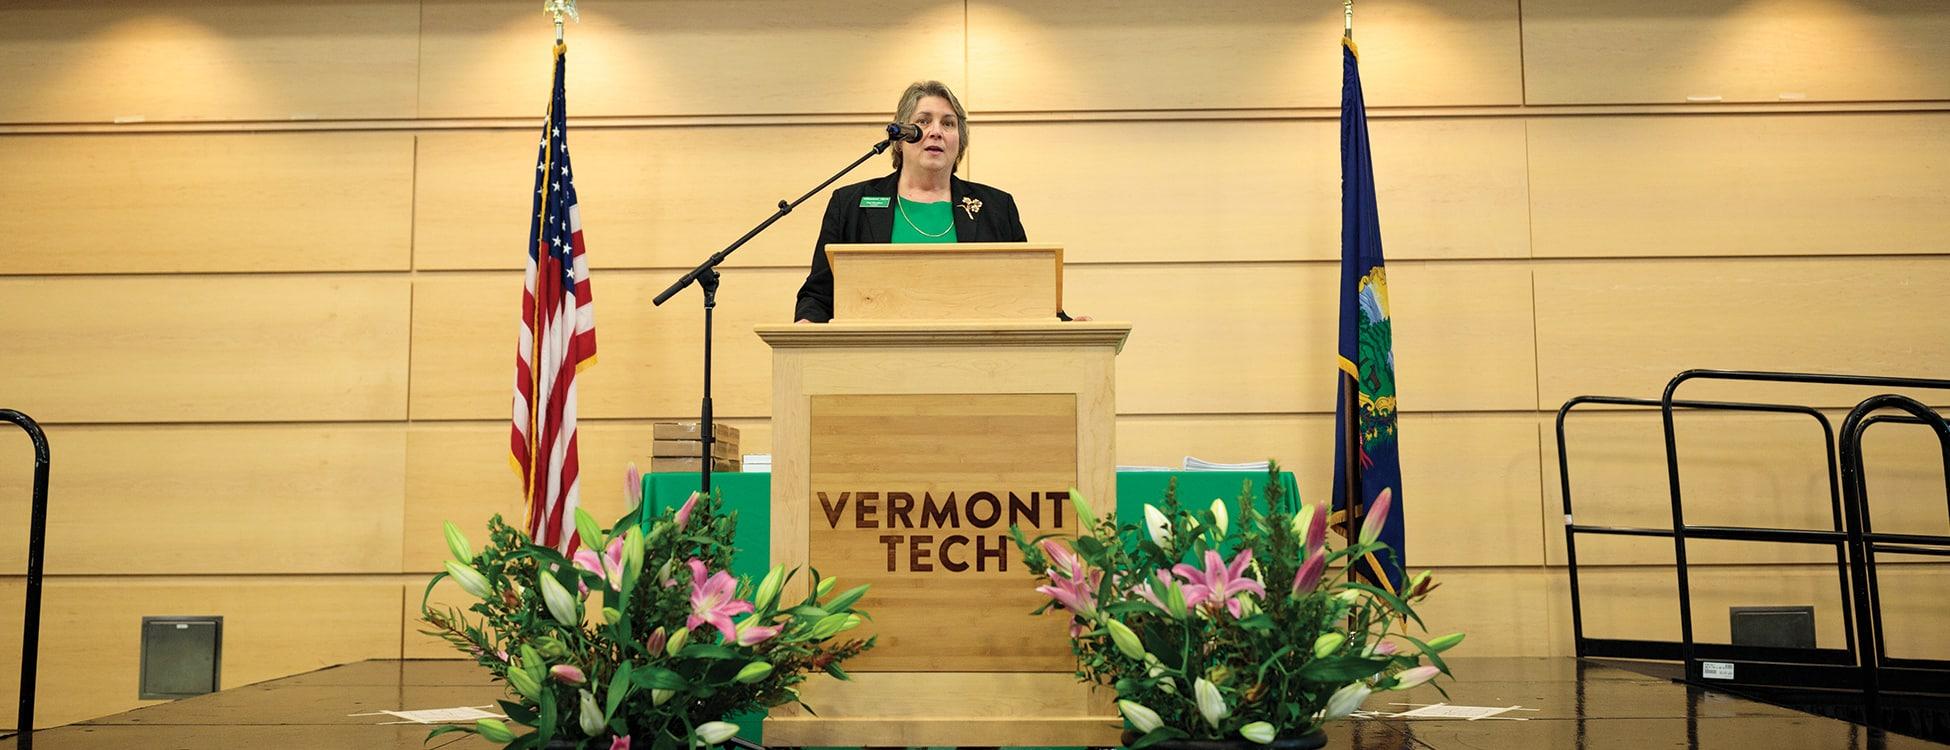 President Patricia Moulton, speaking, podium